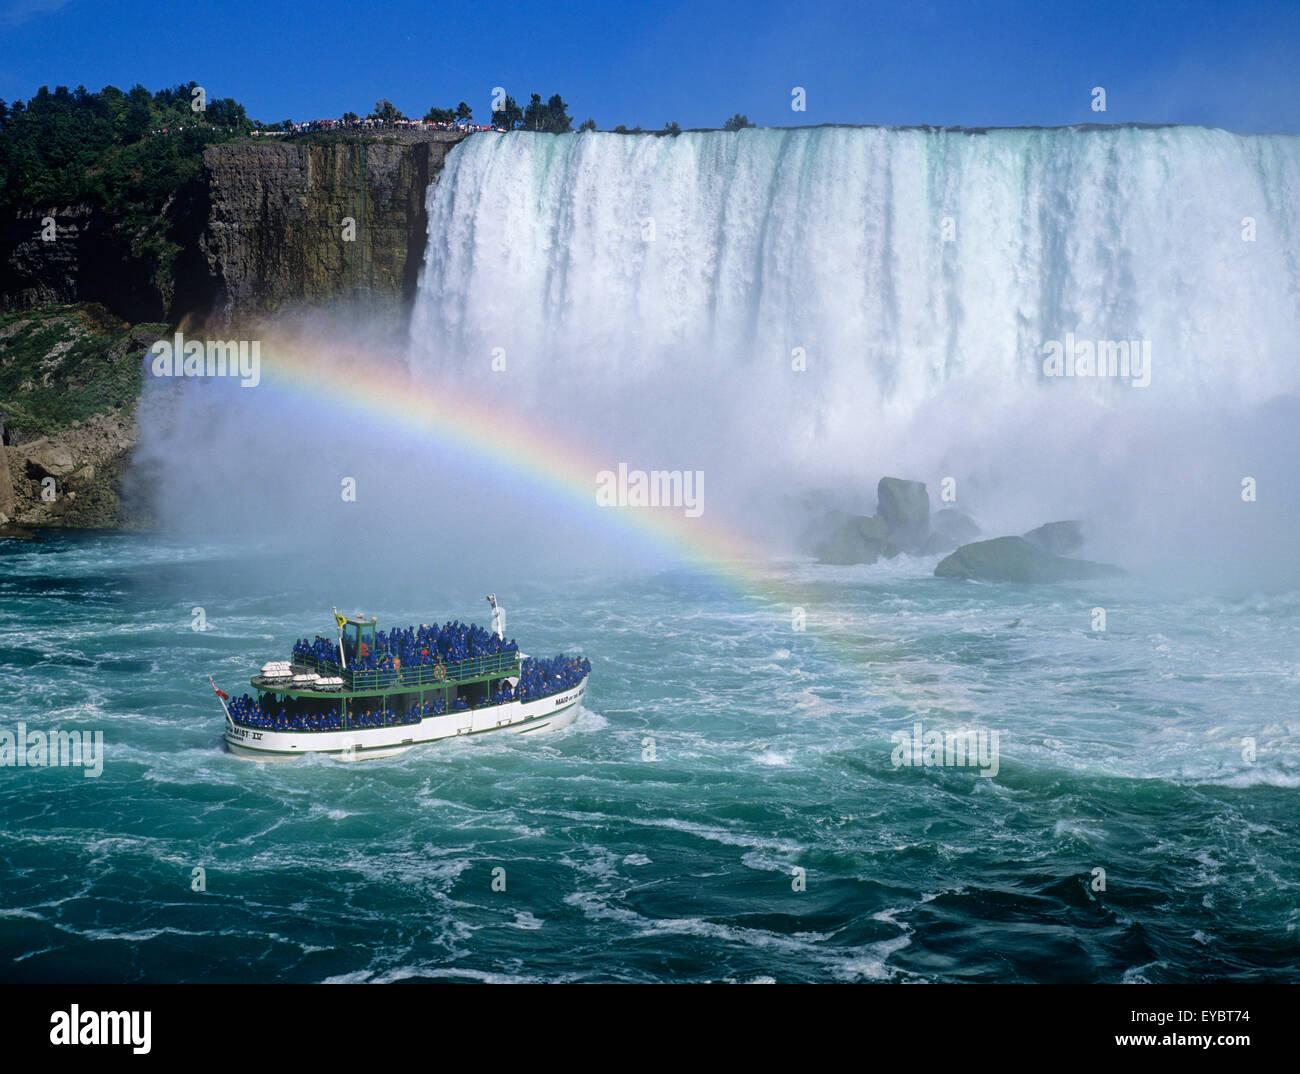 America Del Norte Canada Las Cataratas Del Niagara De Ontario Horseshoe Falls Maid Of The Mist